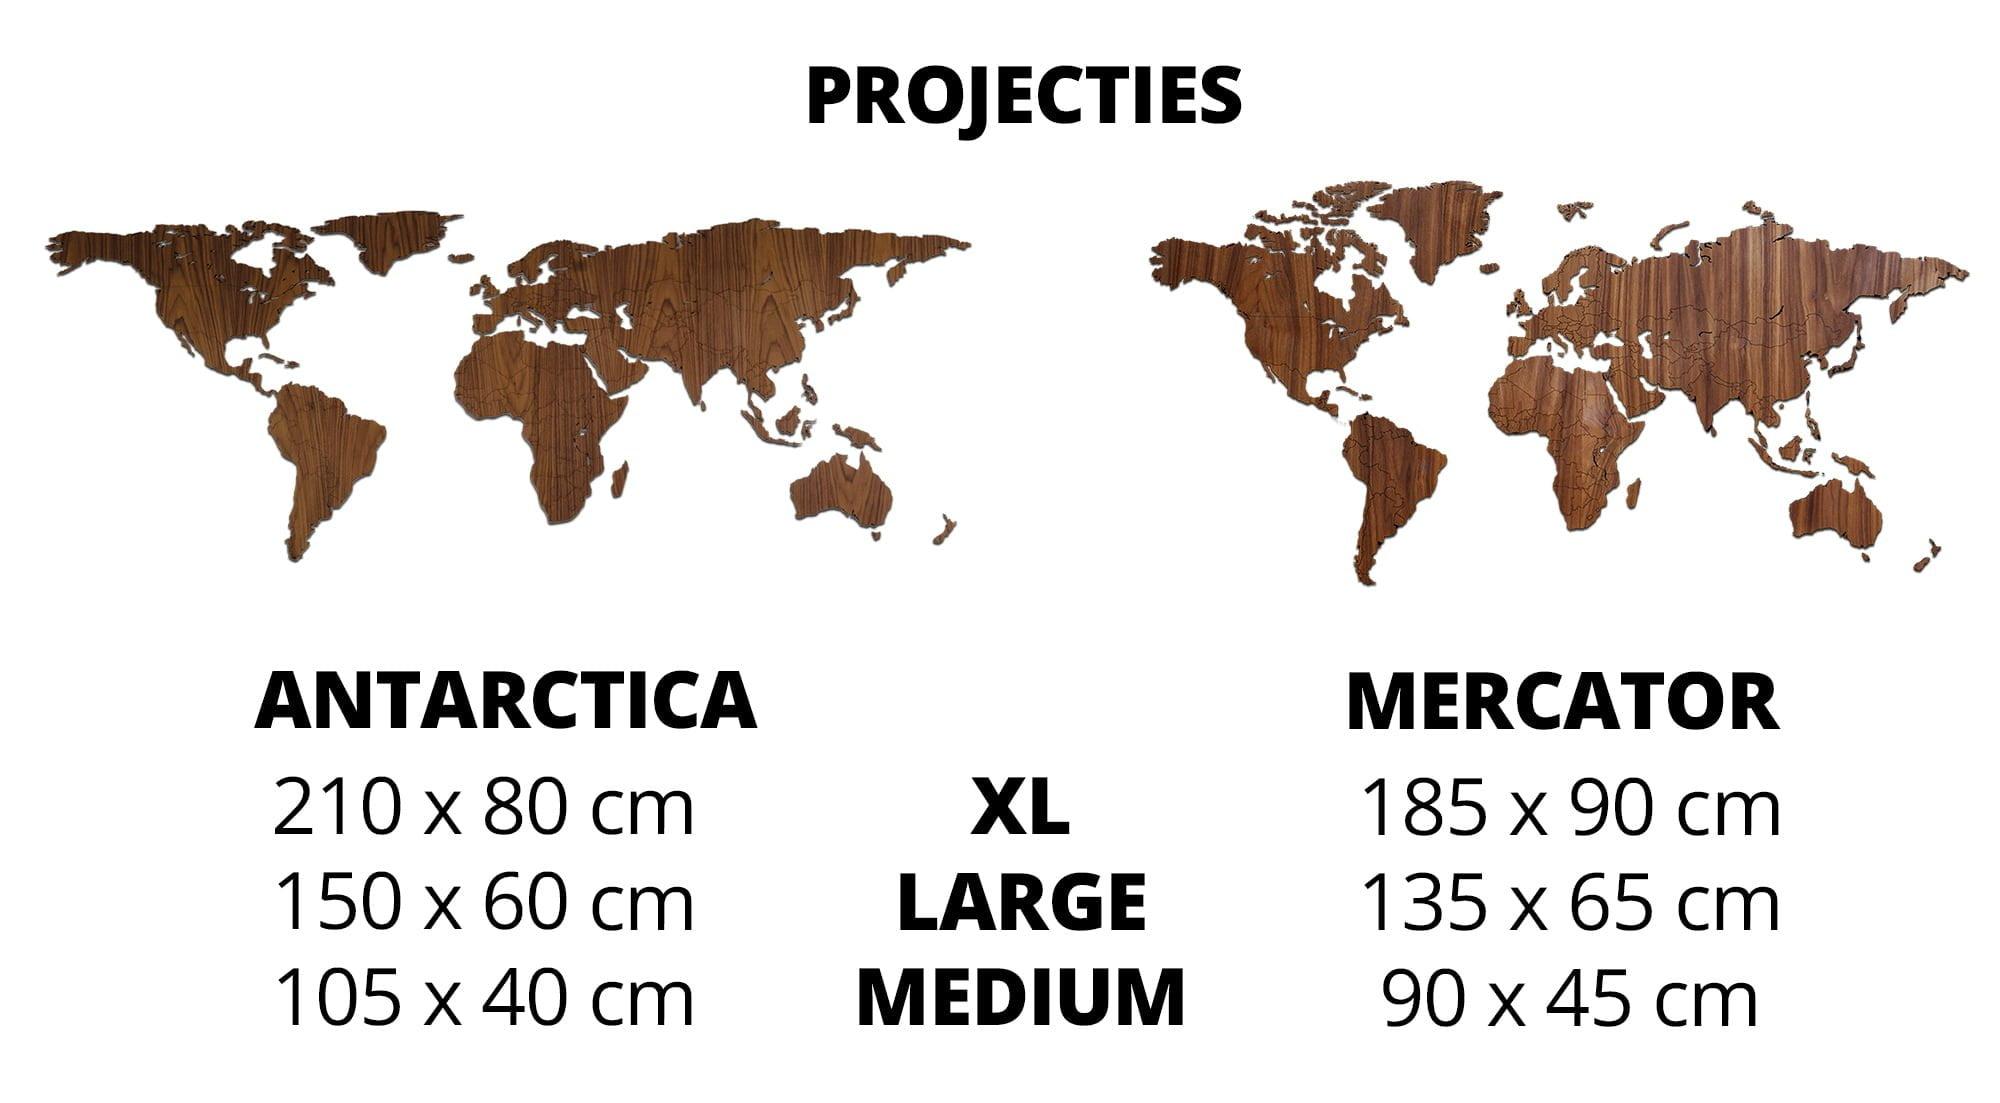 houten-wereldkaart-projecties-afmetingen-walnoot